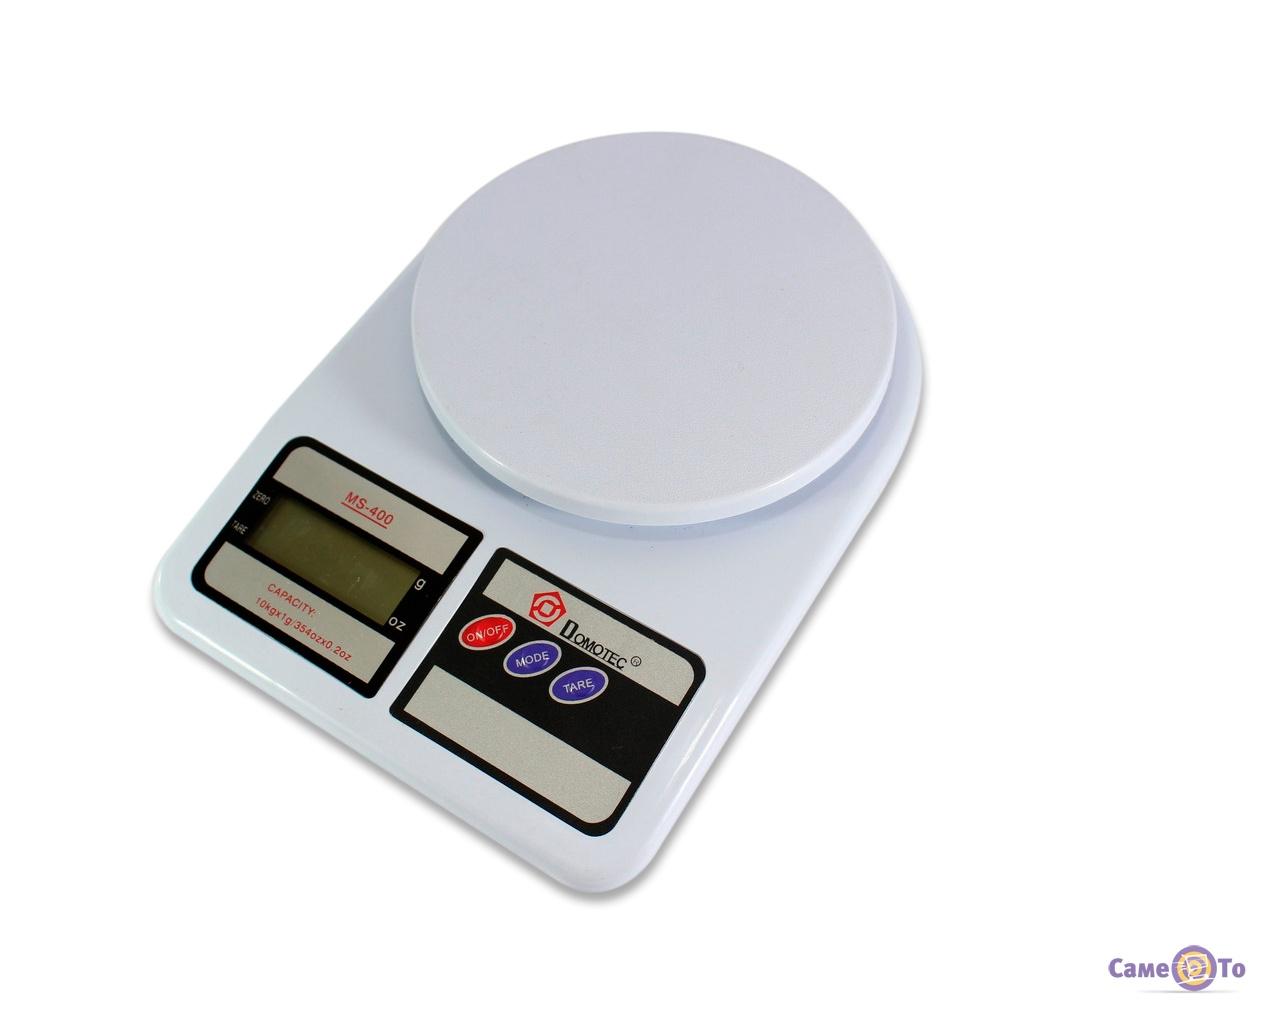 Весы электронные Domotec ACS MS 400 - цифровые весы, до 10kg